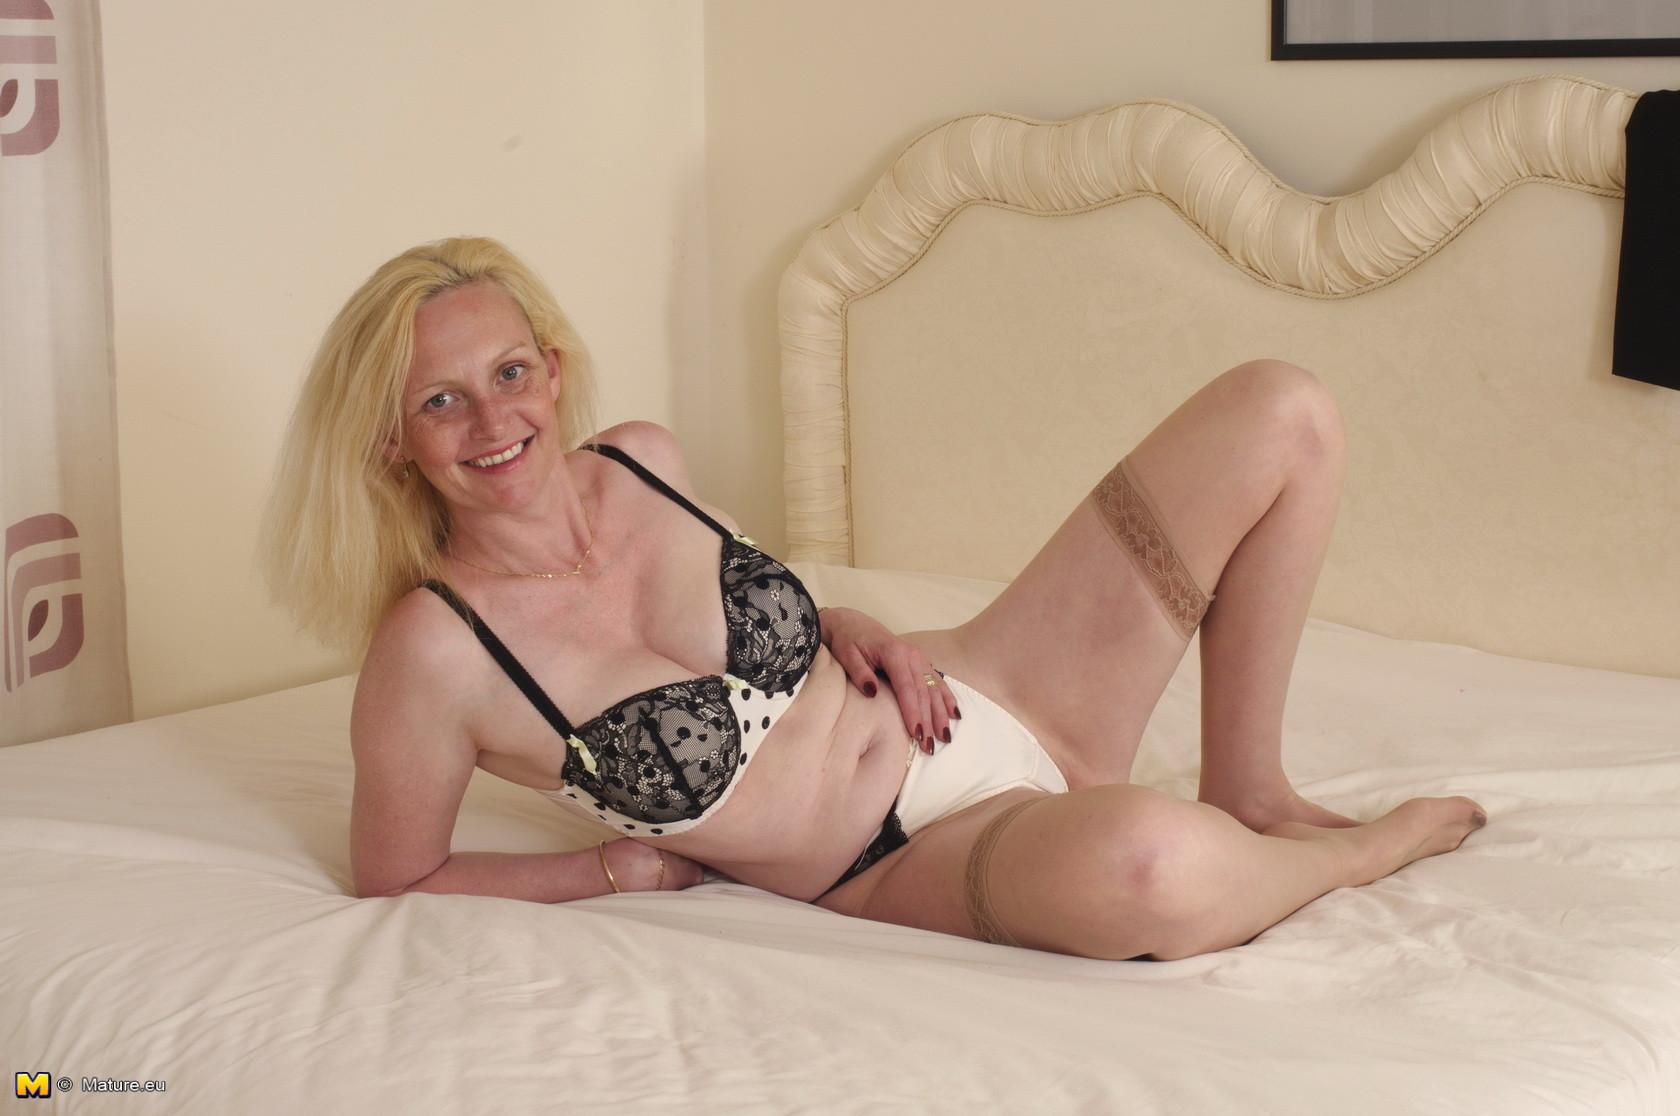 Британская зрелая женщина показывает свое тело, не стесняясь того, что она уже немолода